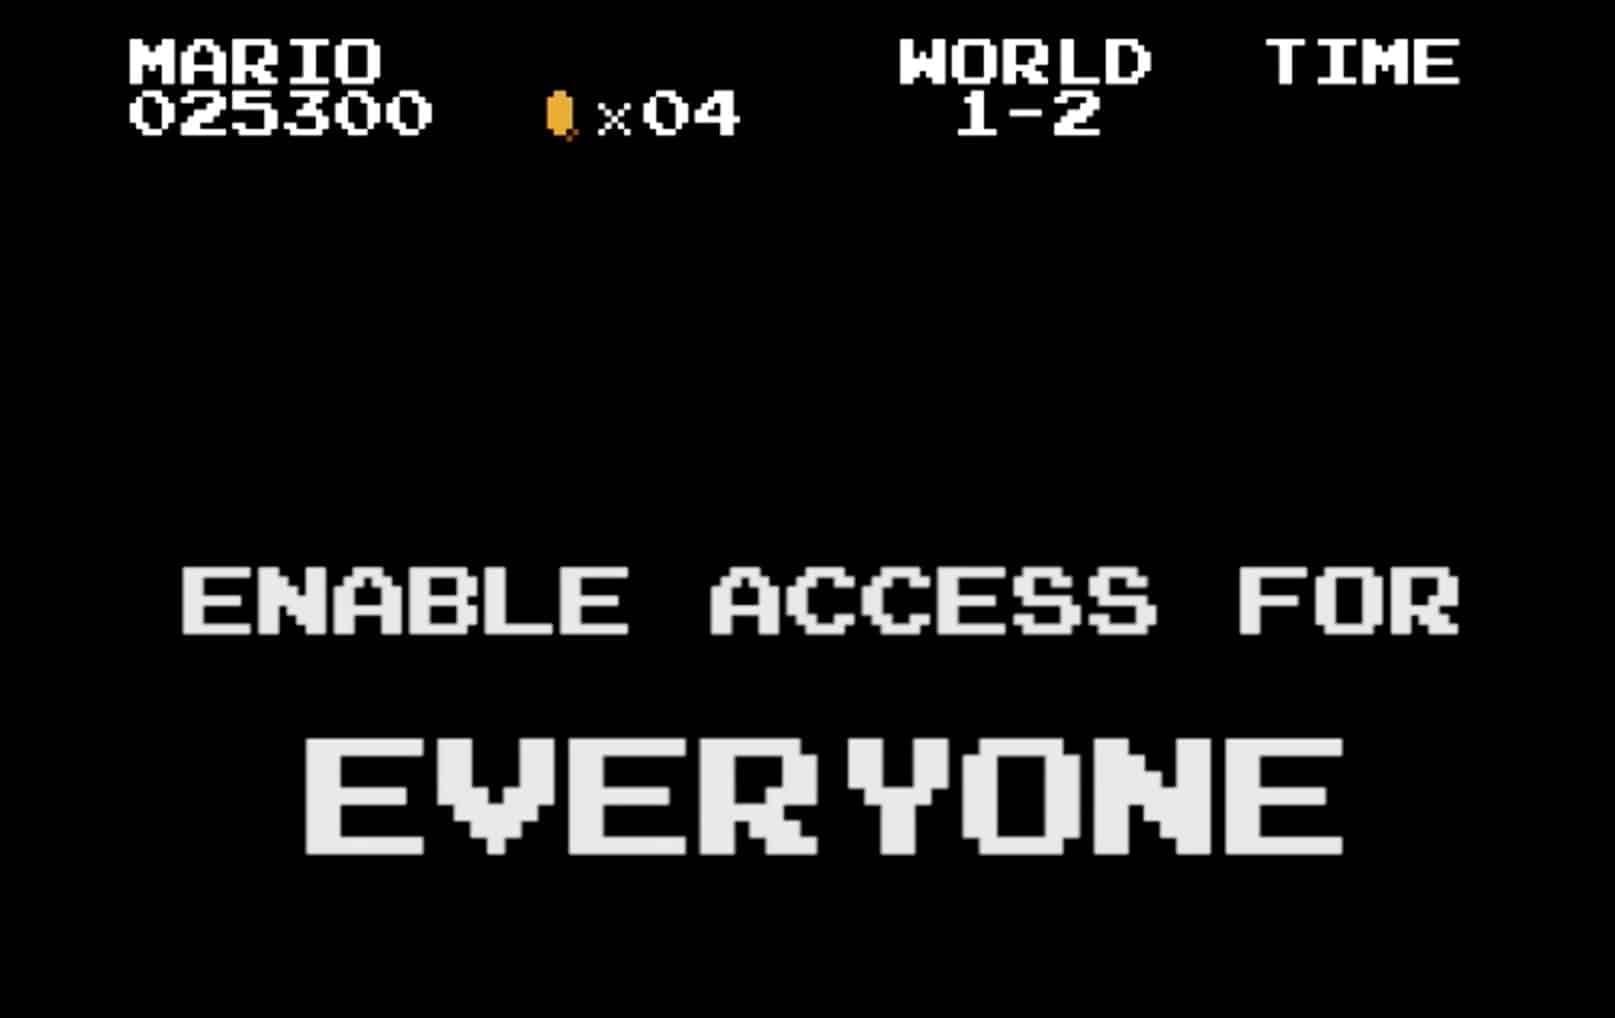 El mensaje principal de Not So Super Mario es el acceso para todos.